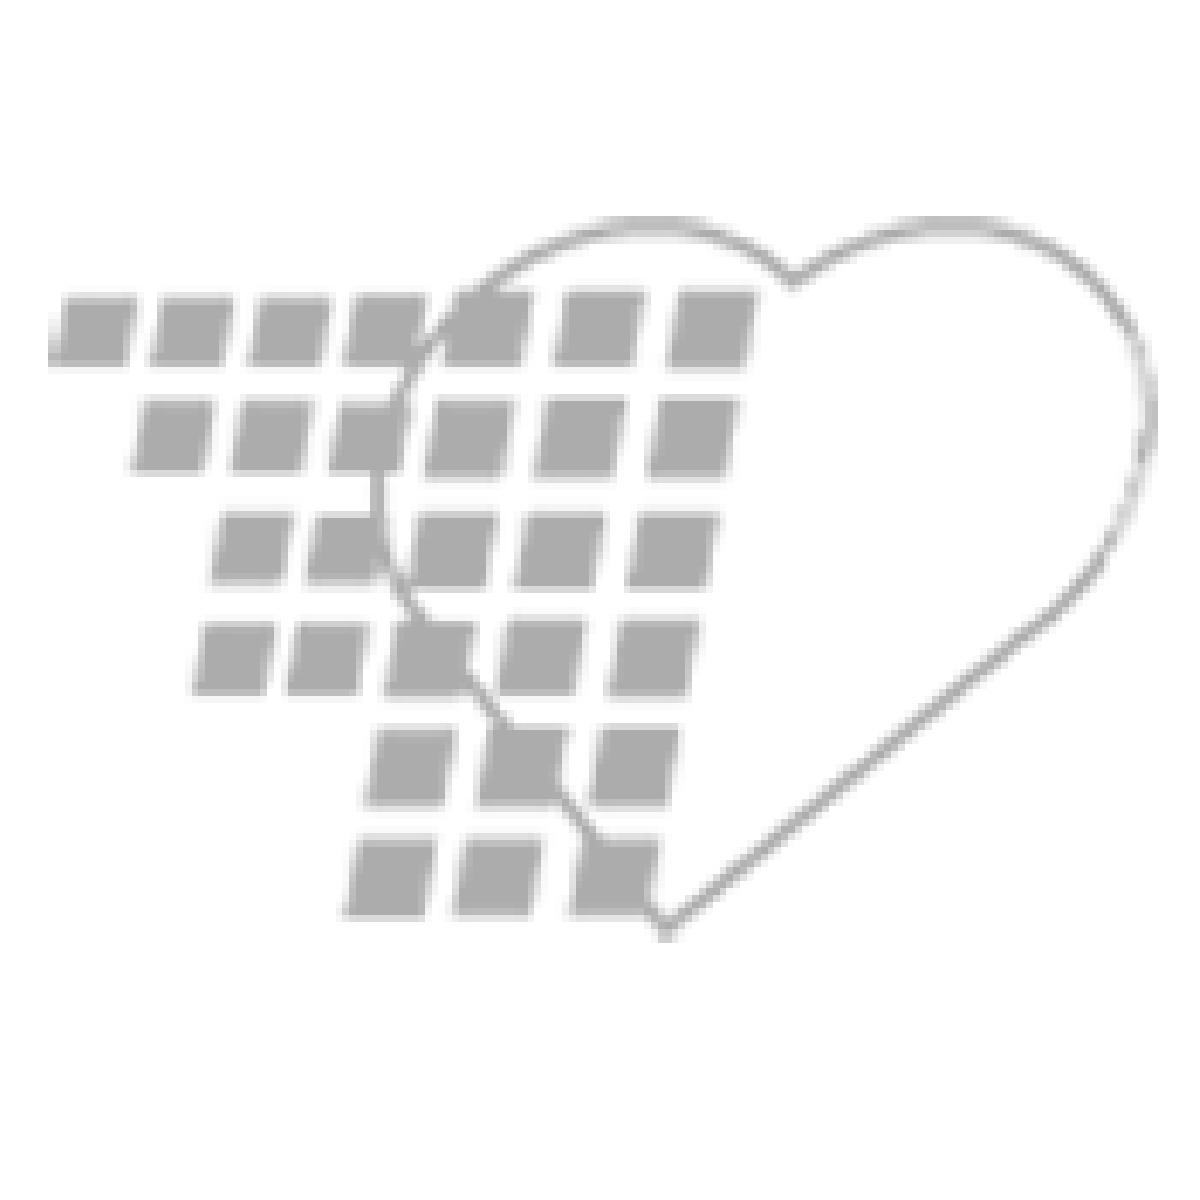 06-31-1103 ChemoPlus™ IVA Seals